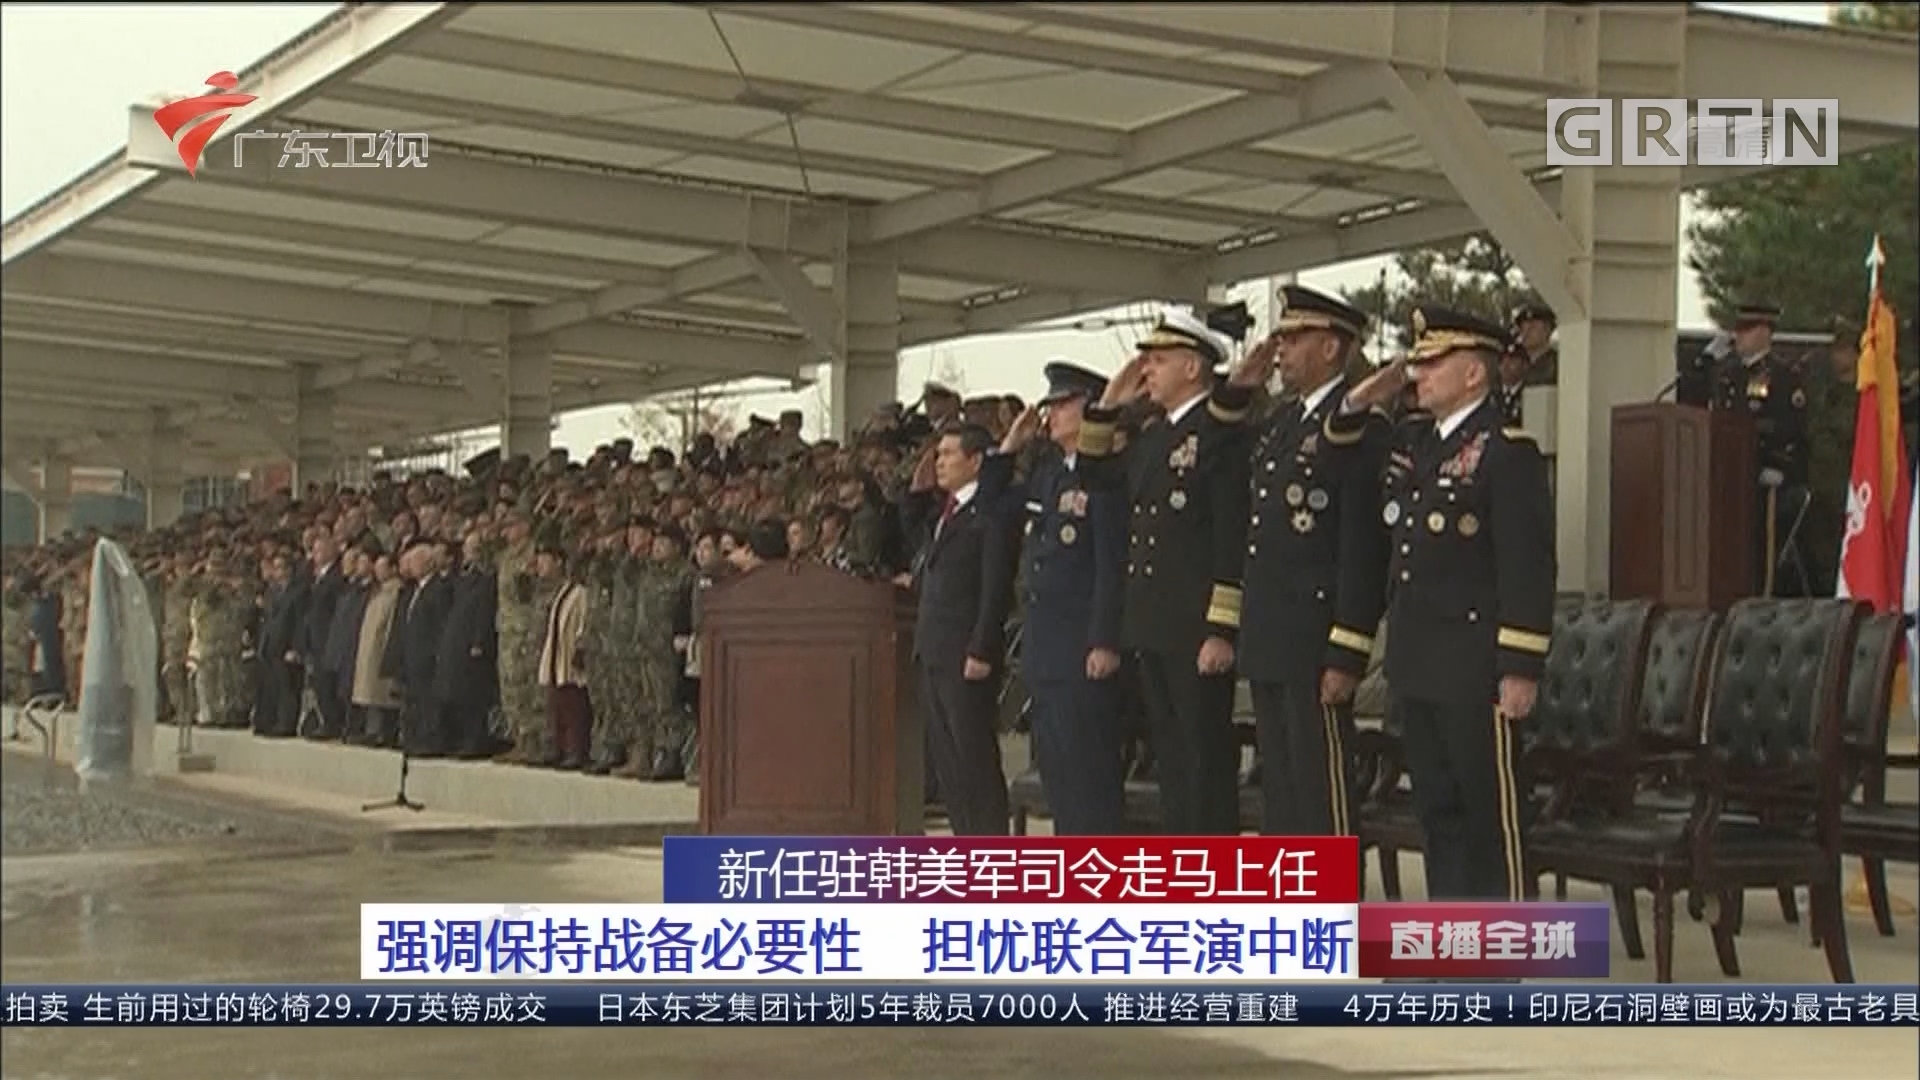 新任驻韩美军司令走马上任:强调保持战备必要性 担忧联合军演中断